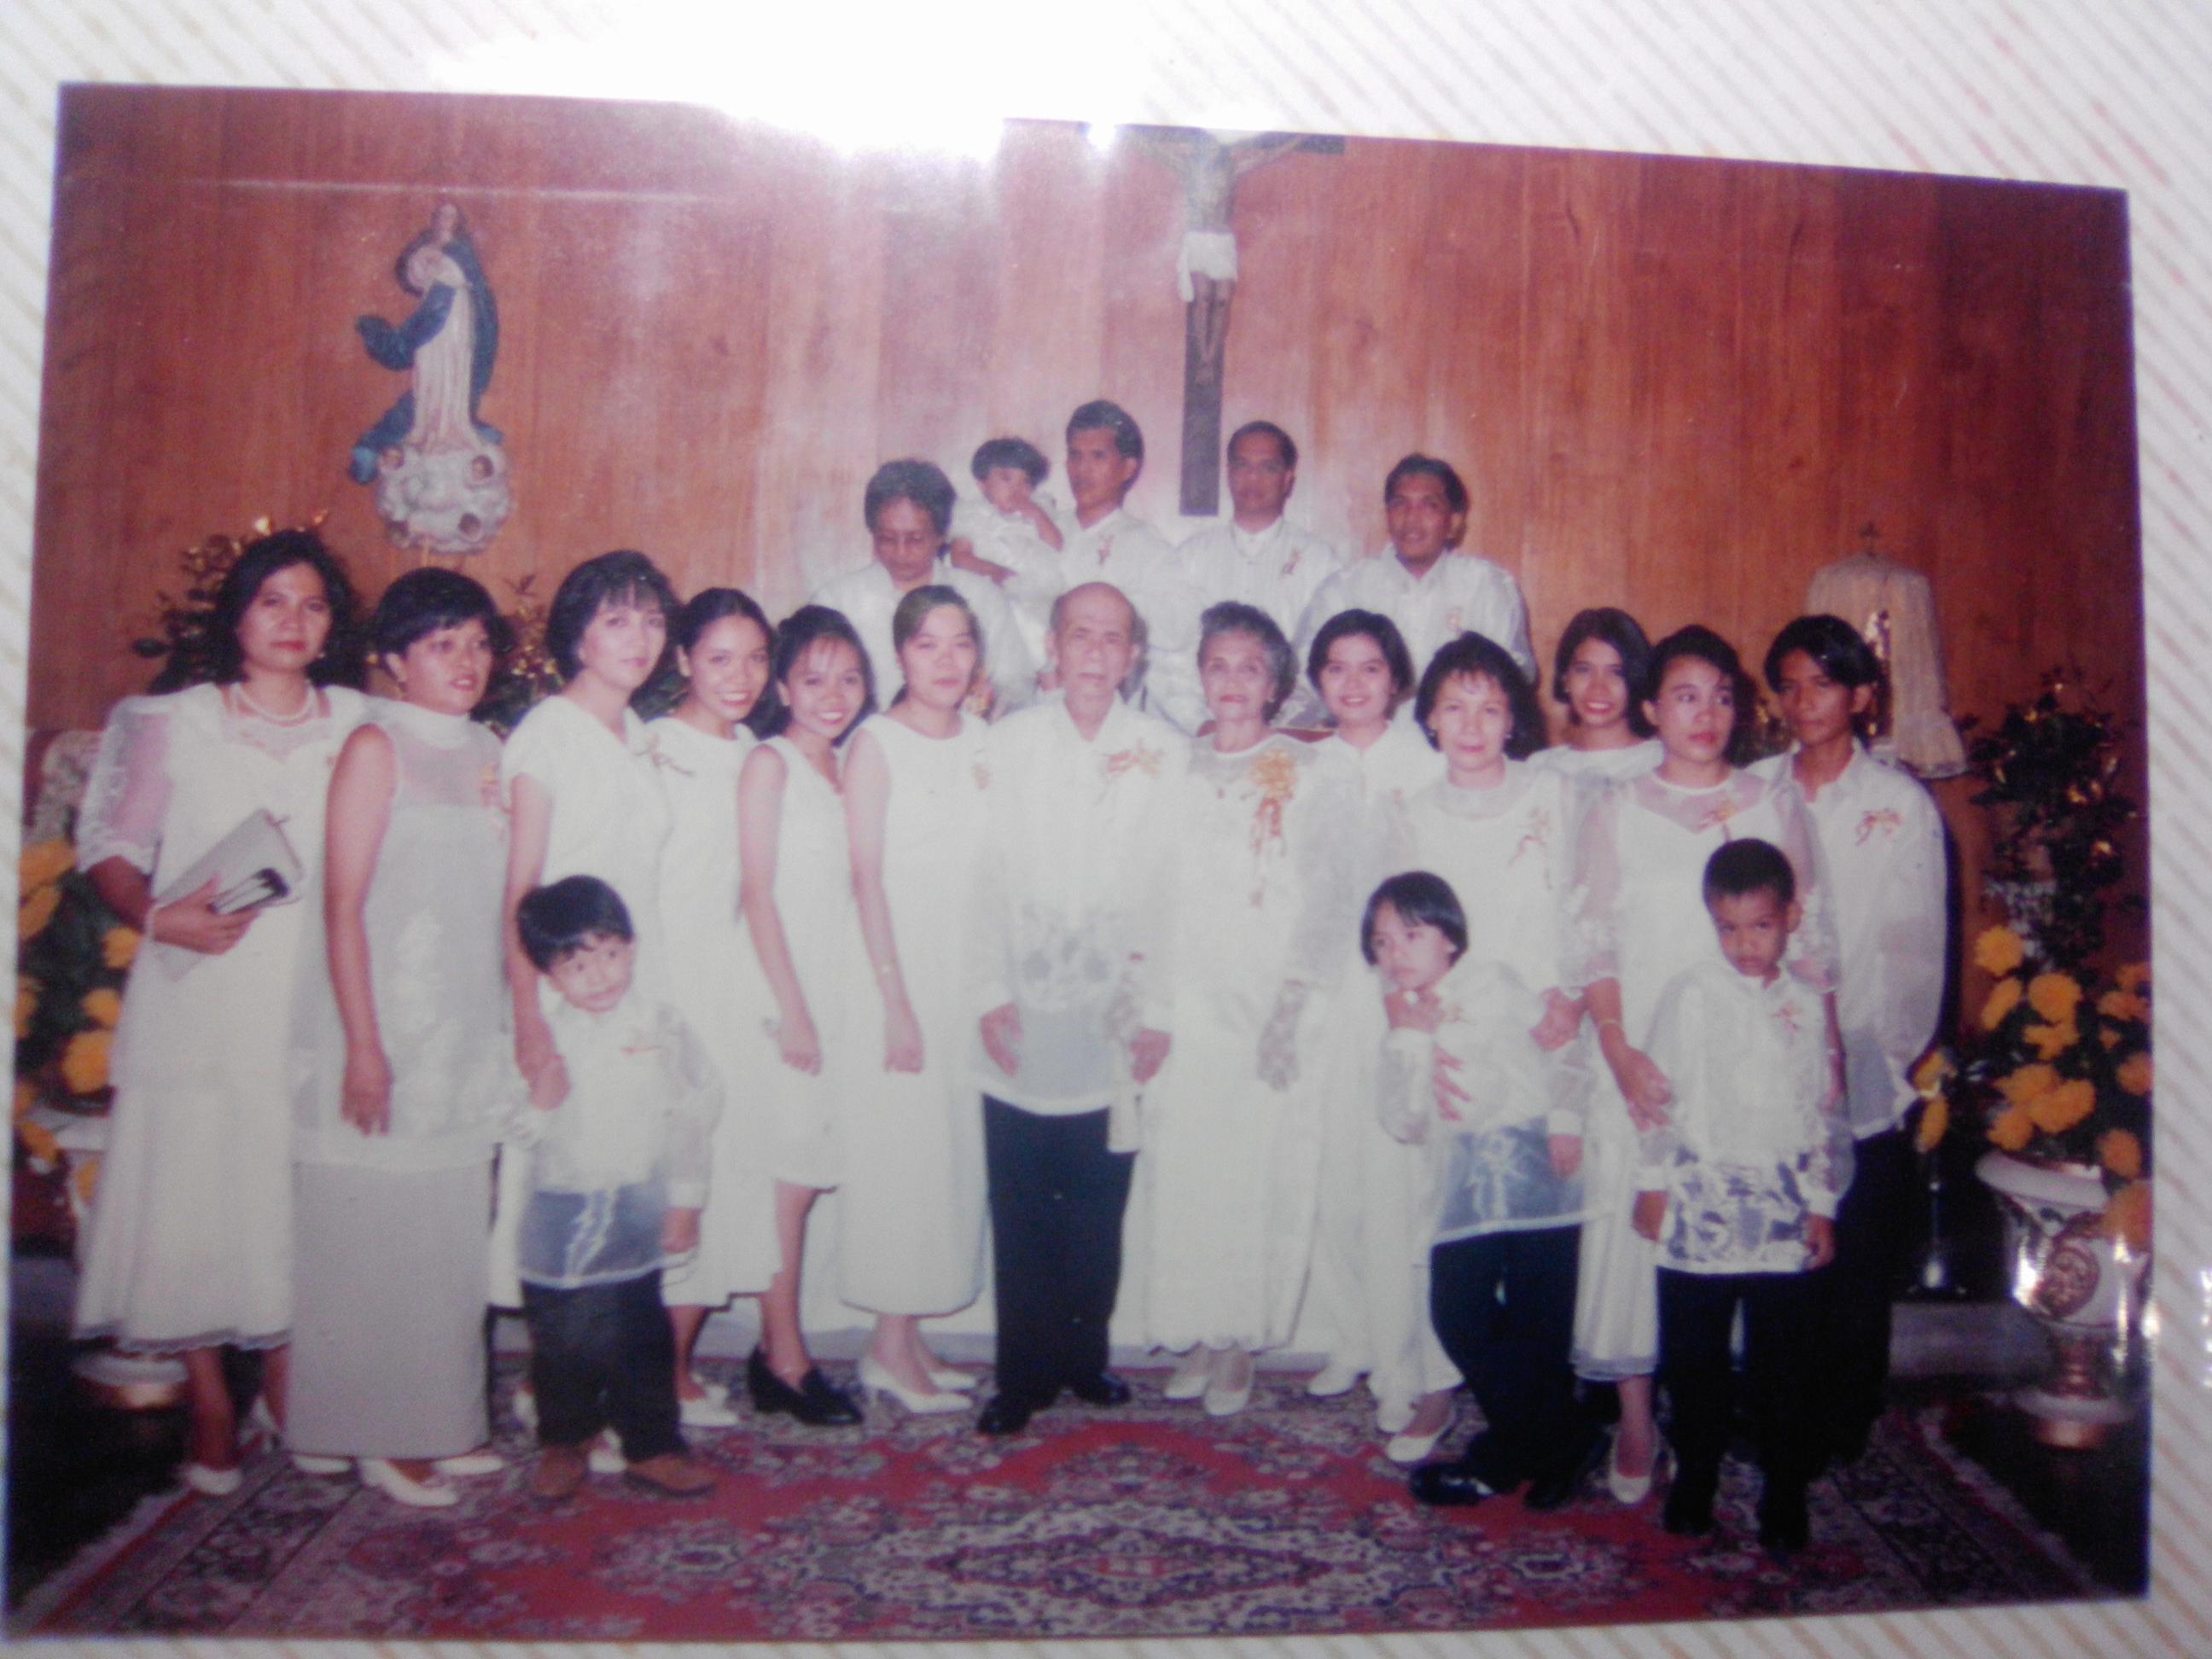 Golden wedding anniversary of Mang and Pang